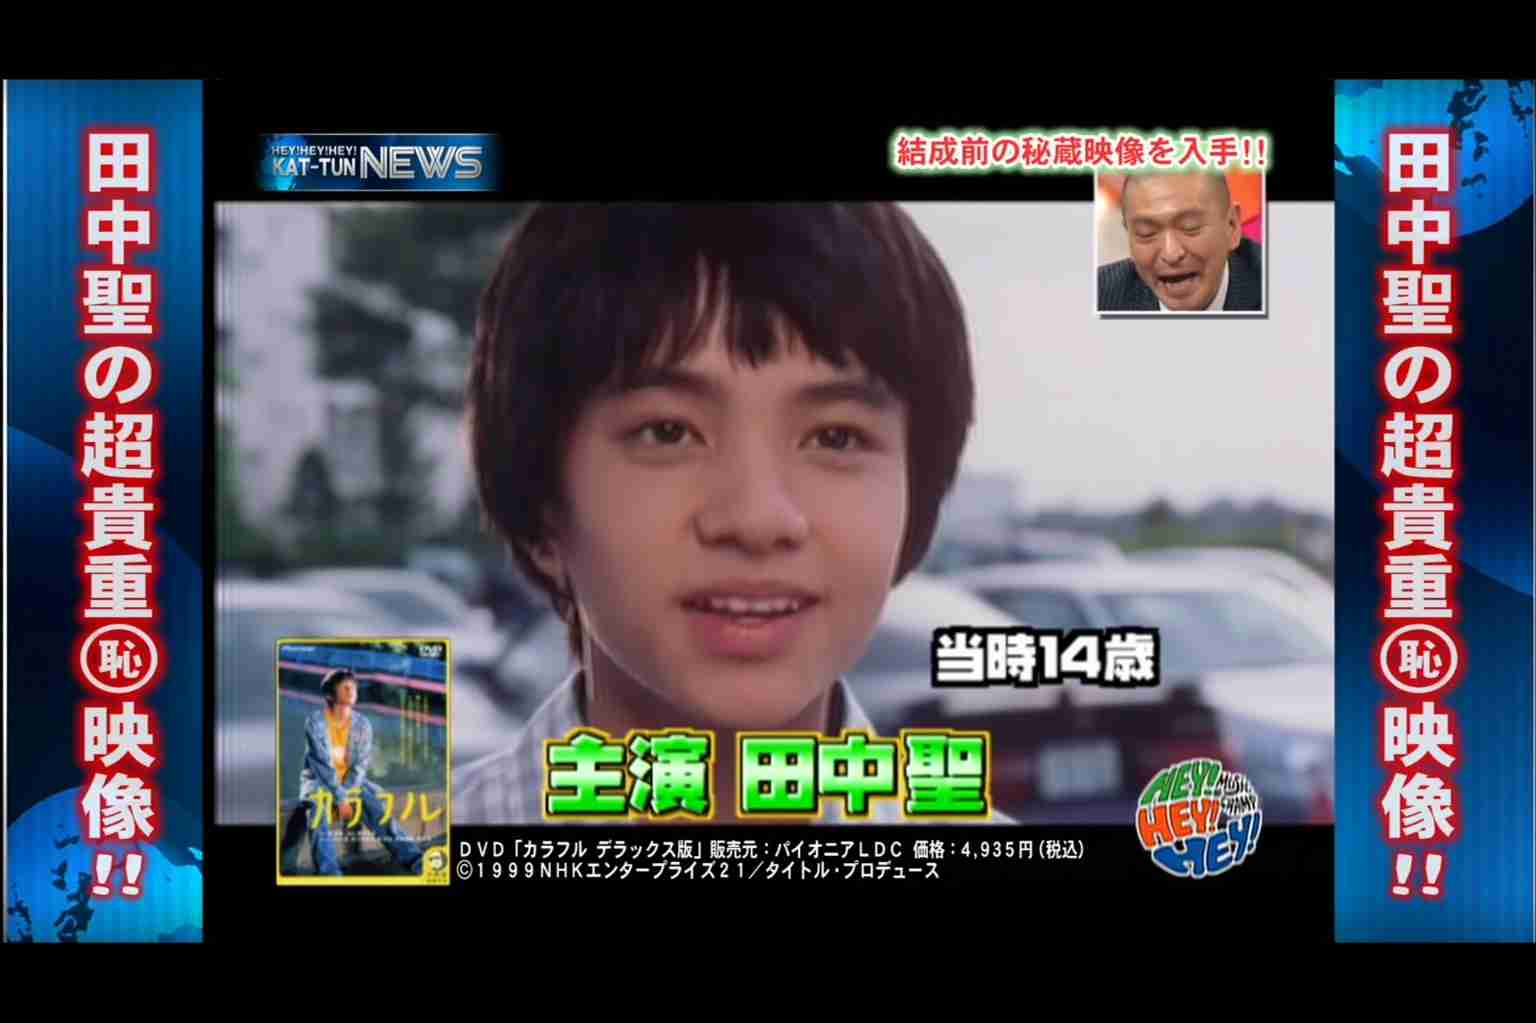 元KAT-TUN田中聖さん不起訴=大麻所持容疑―東京地検